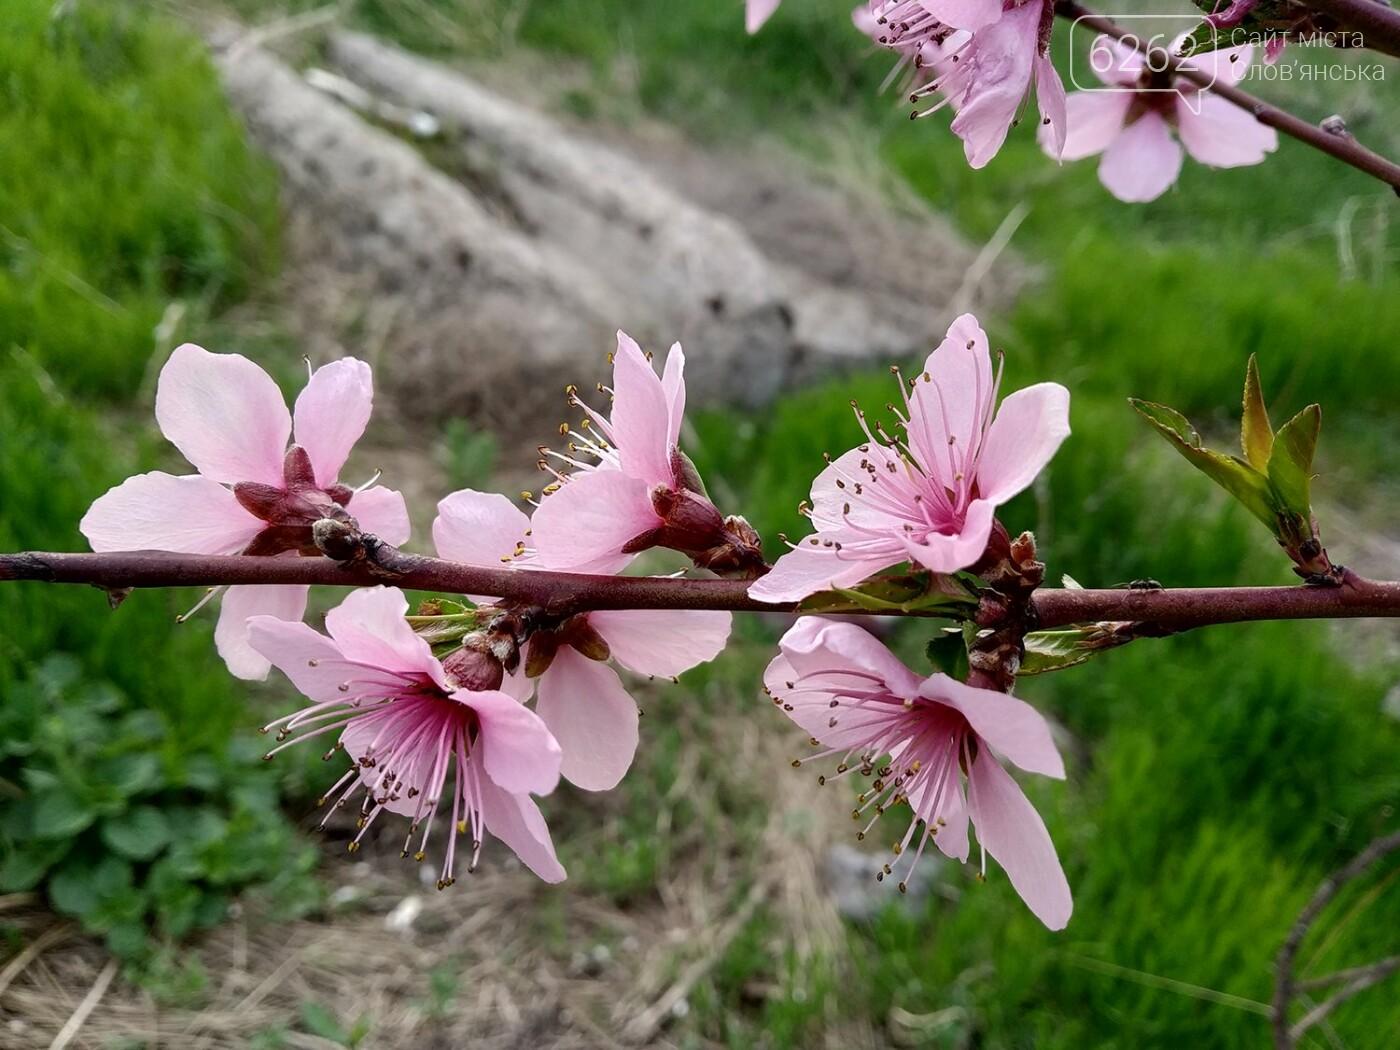 Весна дихає в обличчя: фотопрогулянка мікрорайоном Лісний у Слов'янську, фото-12